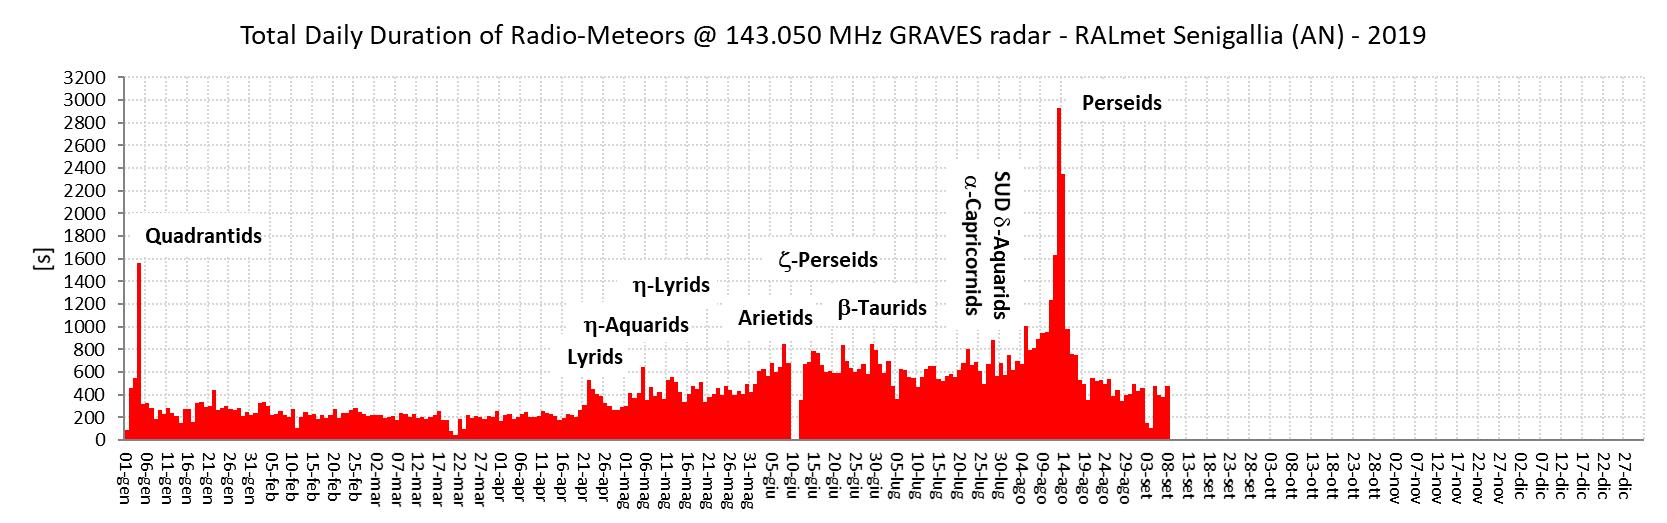 Somma giornaliera delle durate (espresse in secondi) dei radio-echi meteorici catturati dalla nostra stazione durante l'anno 2019.